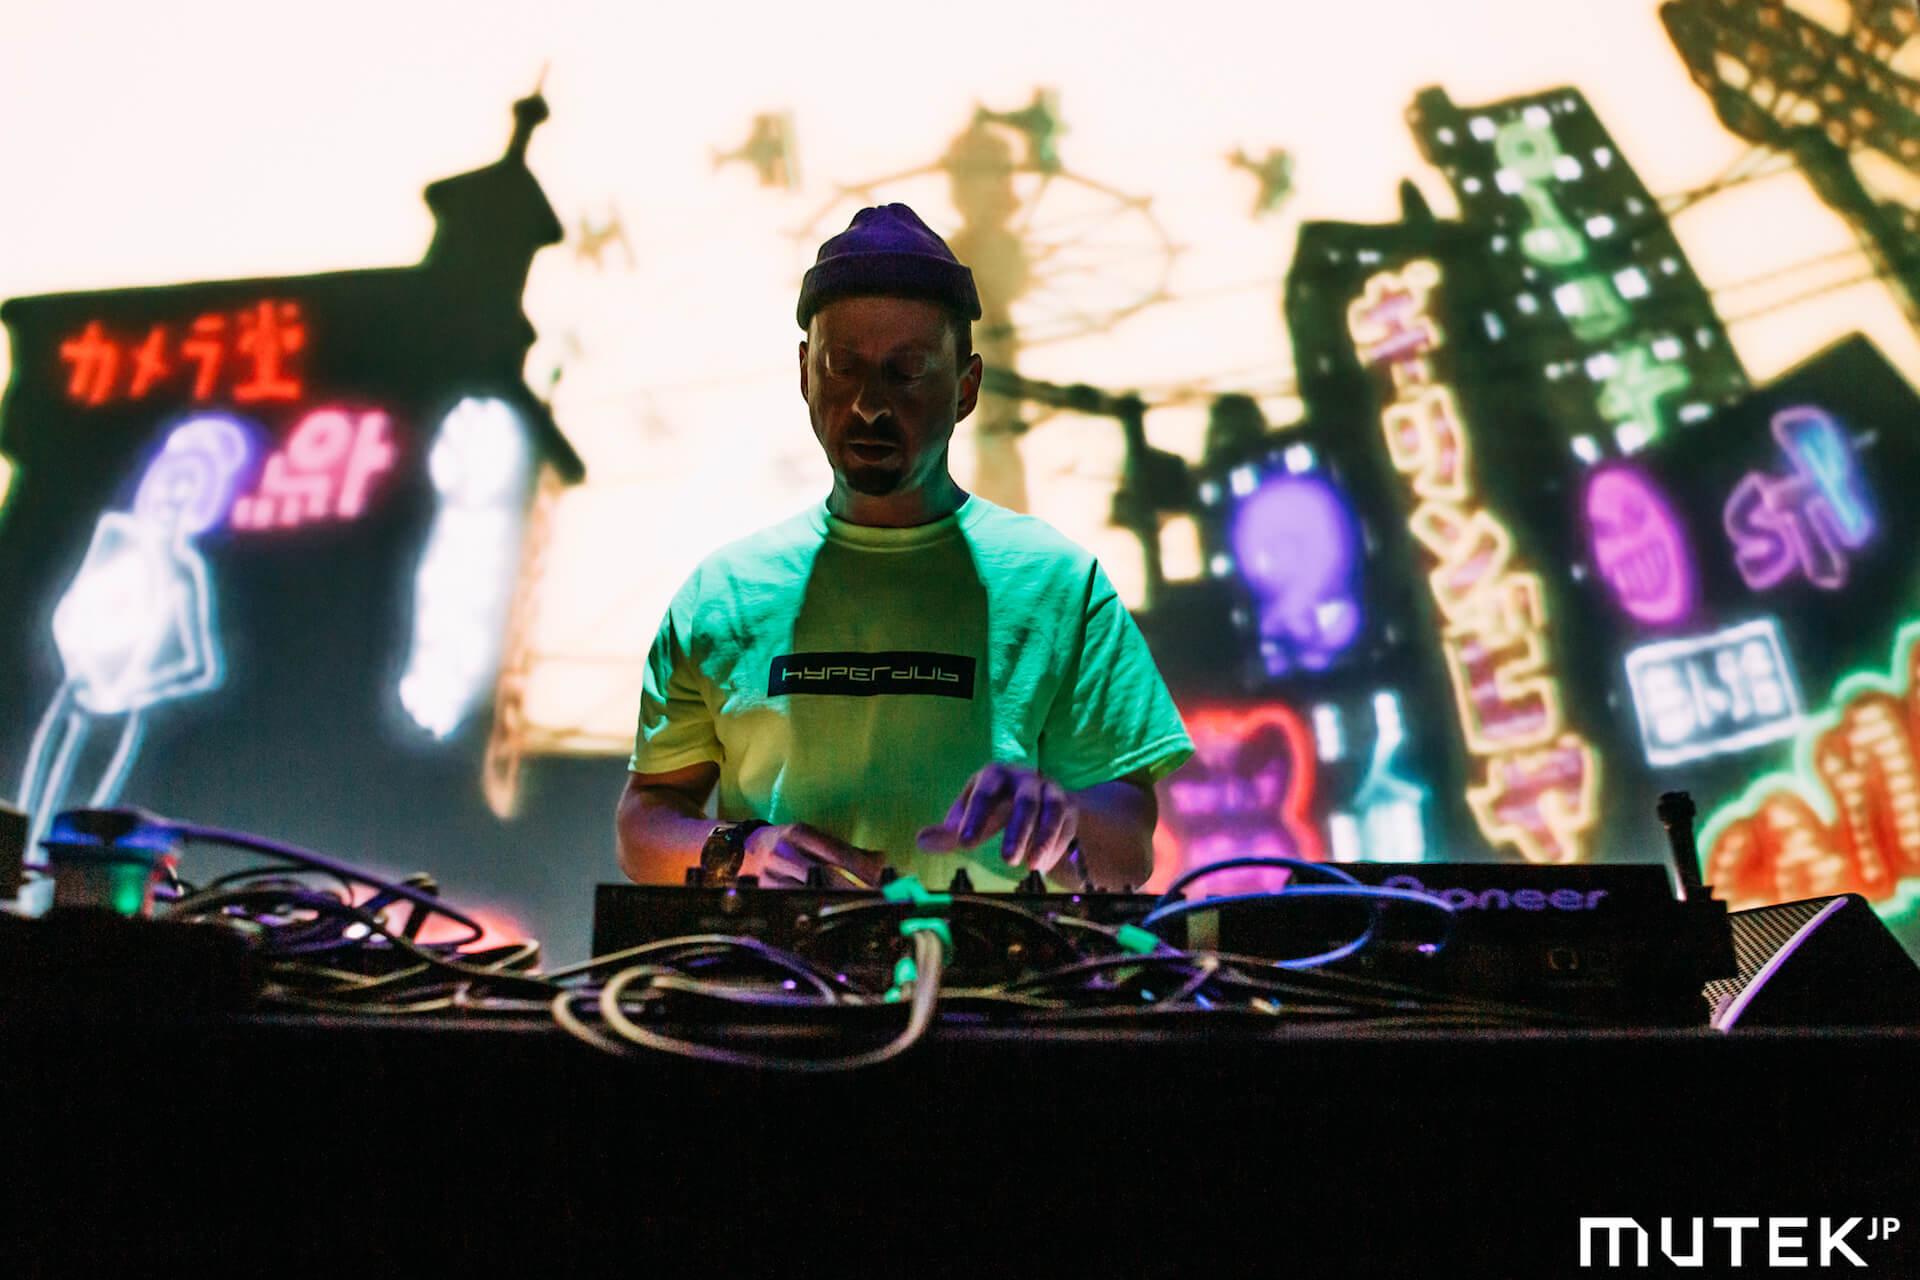 フォトレポート|Kode 9 & Koji Morimotoらが登場した電子音楽&デジタルアートの祭典「MUTEK.JP 2019」 music191219-mutek2019-5